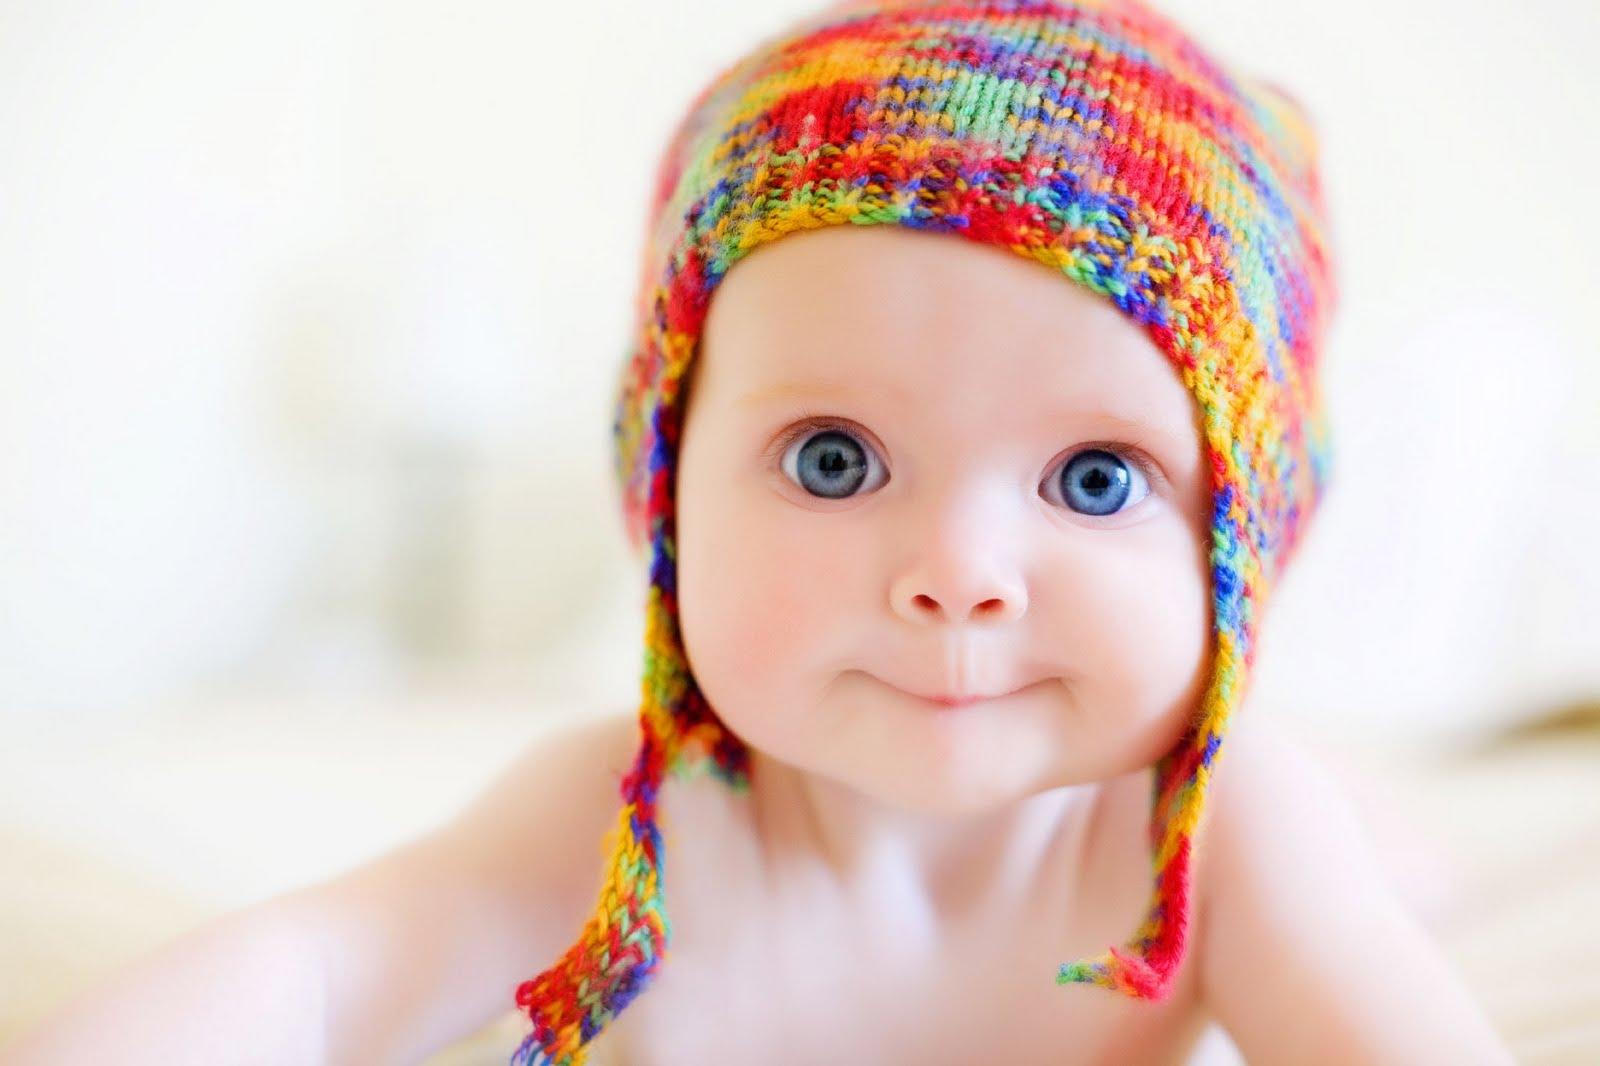 bebeklere-sedasyon-ile-guvenli-goz-muayenesi-0 Младенцы в 7 месяцев способны отличить родной язык от иностранного